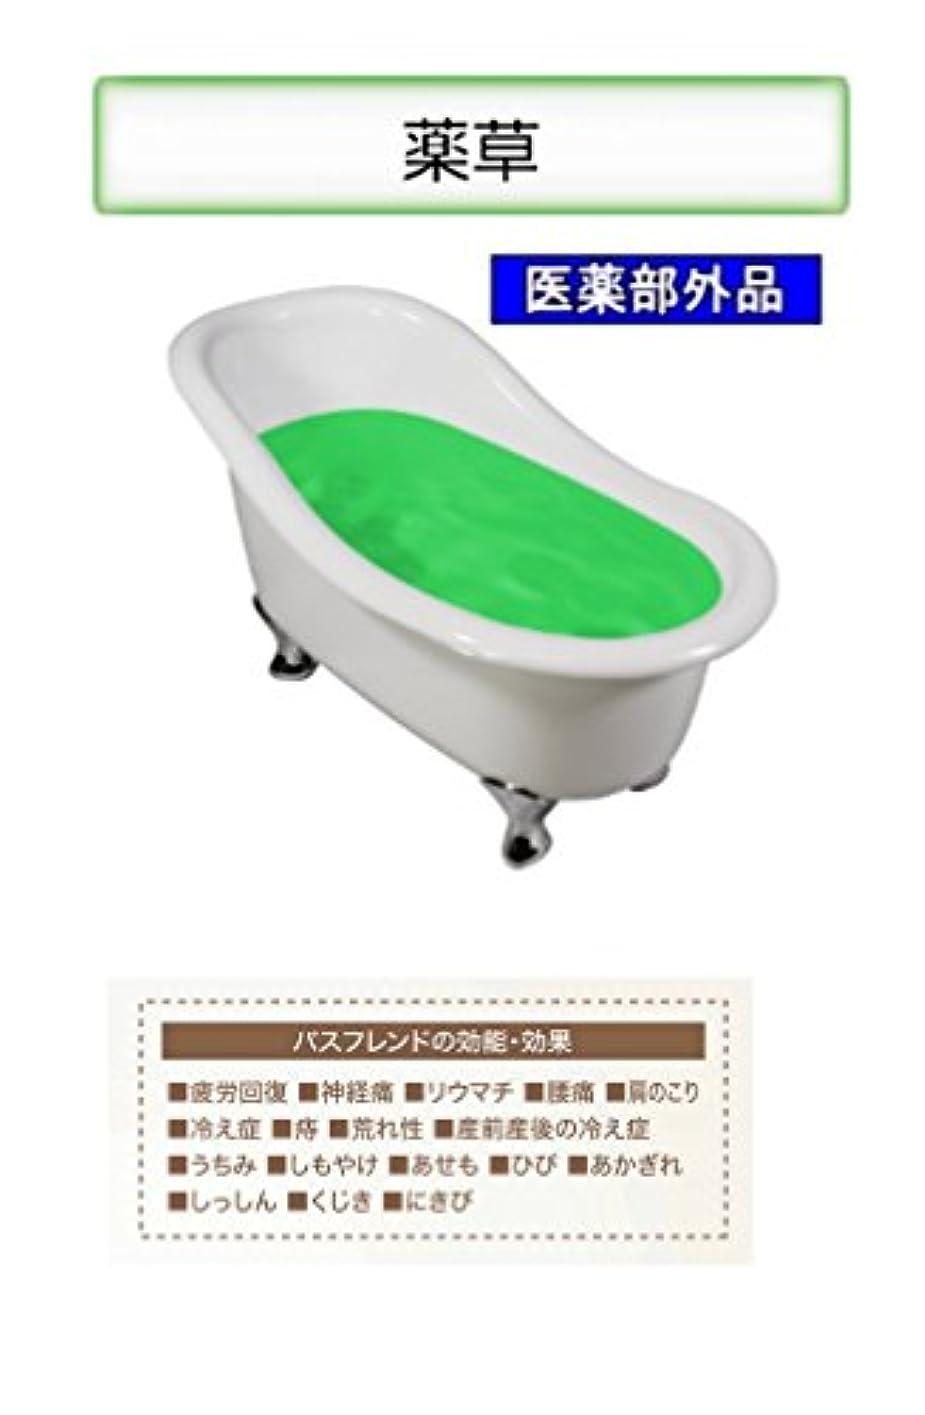 効能探検楽な薬用入浴剤 バスフレンド/伊吹正 (薬草, 17kg)